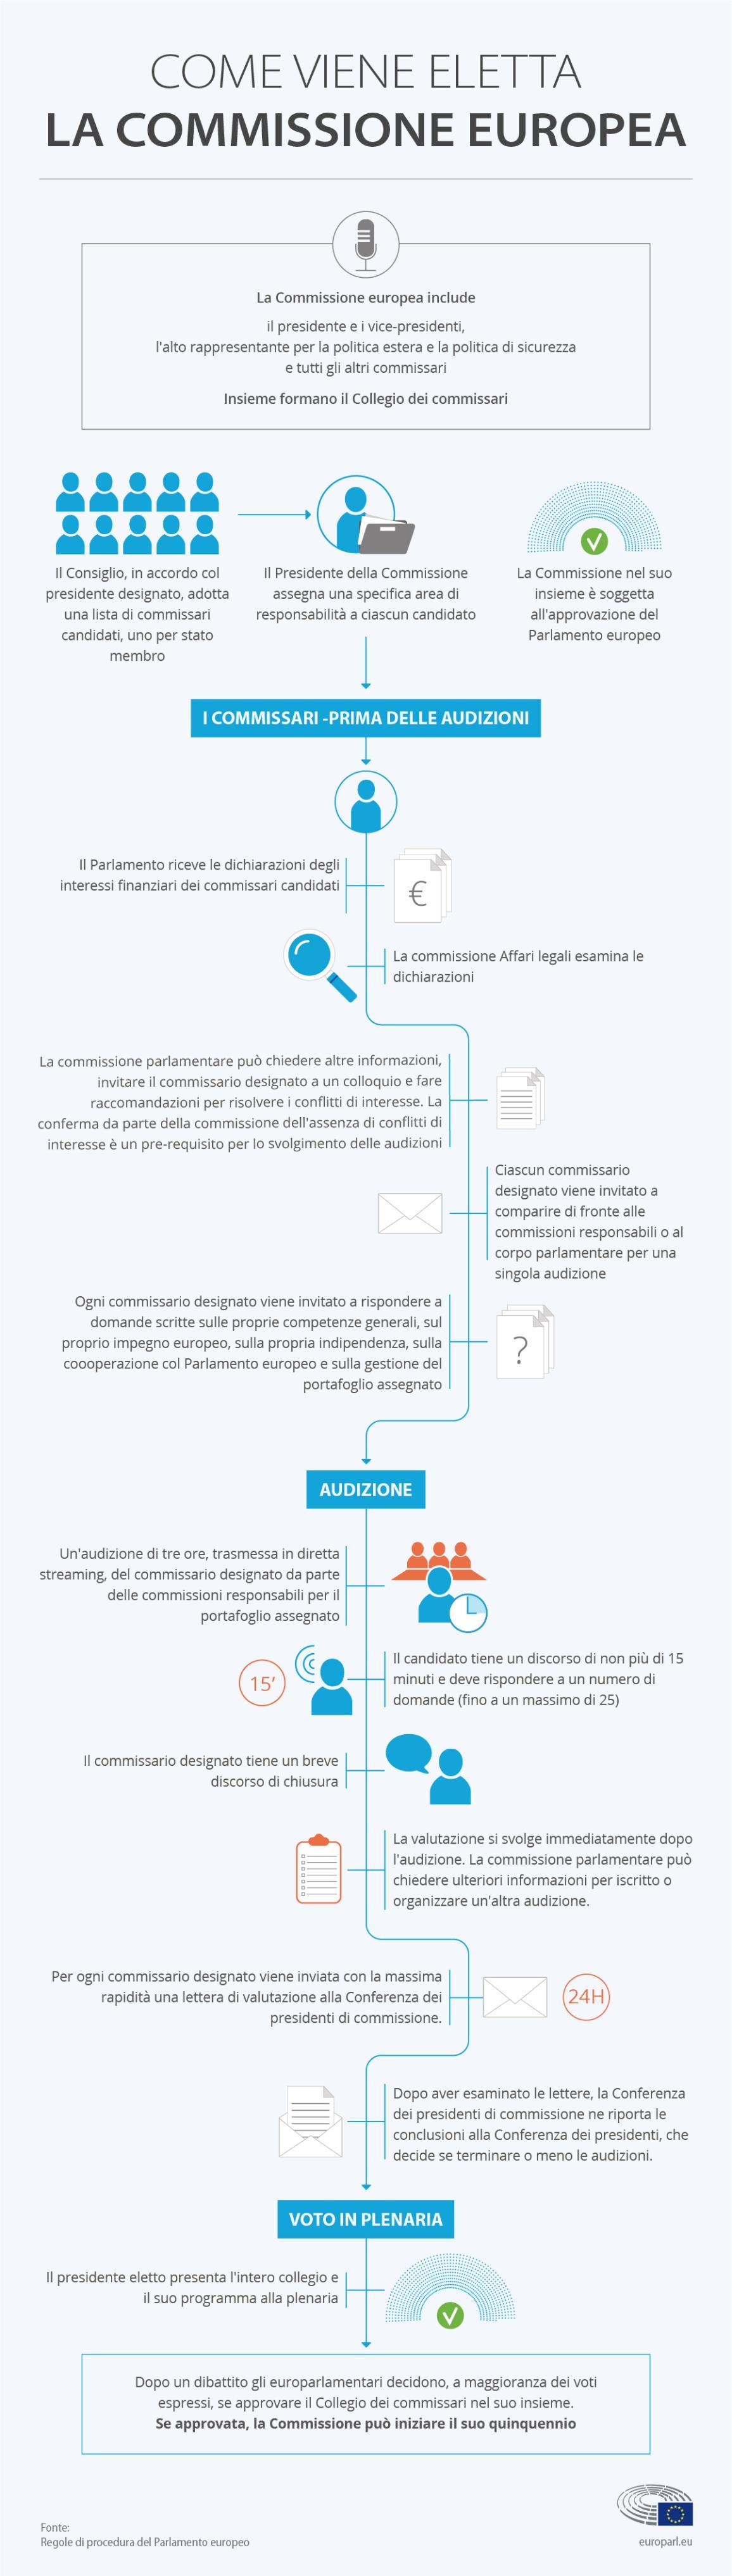 Infografica sui passaggi per l'elezione della Commissione europea © European Union 2019 -EP